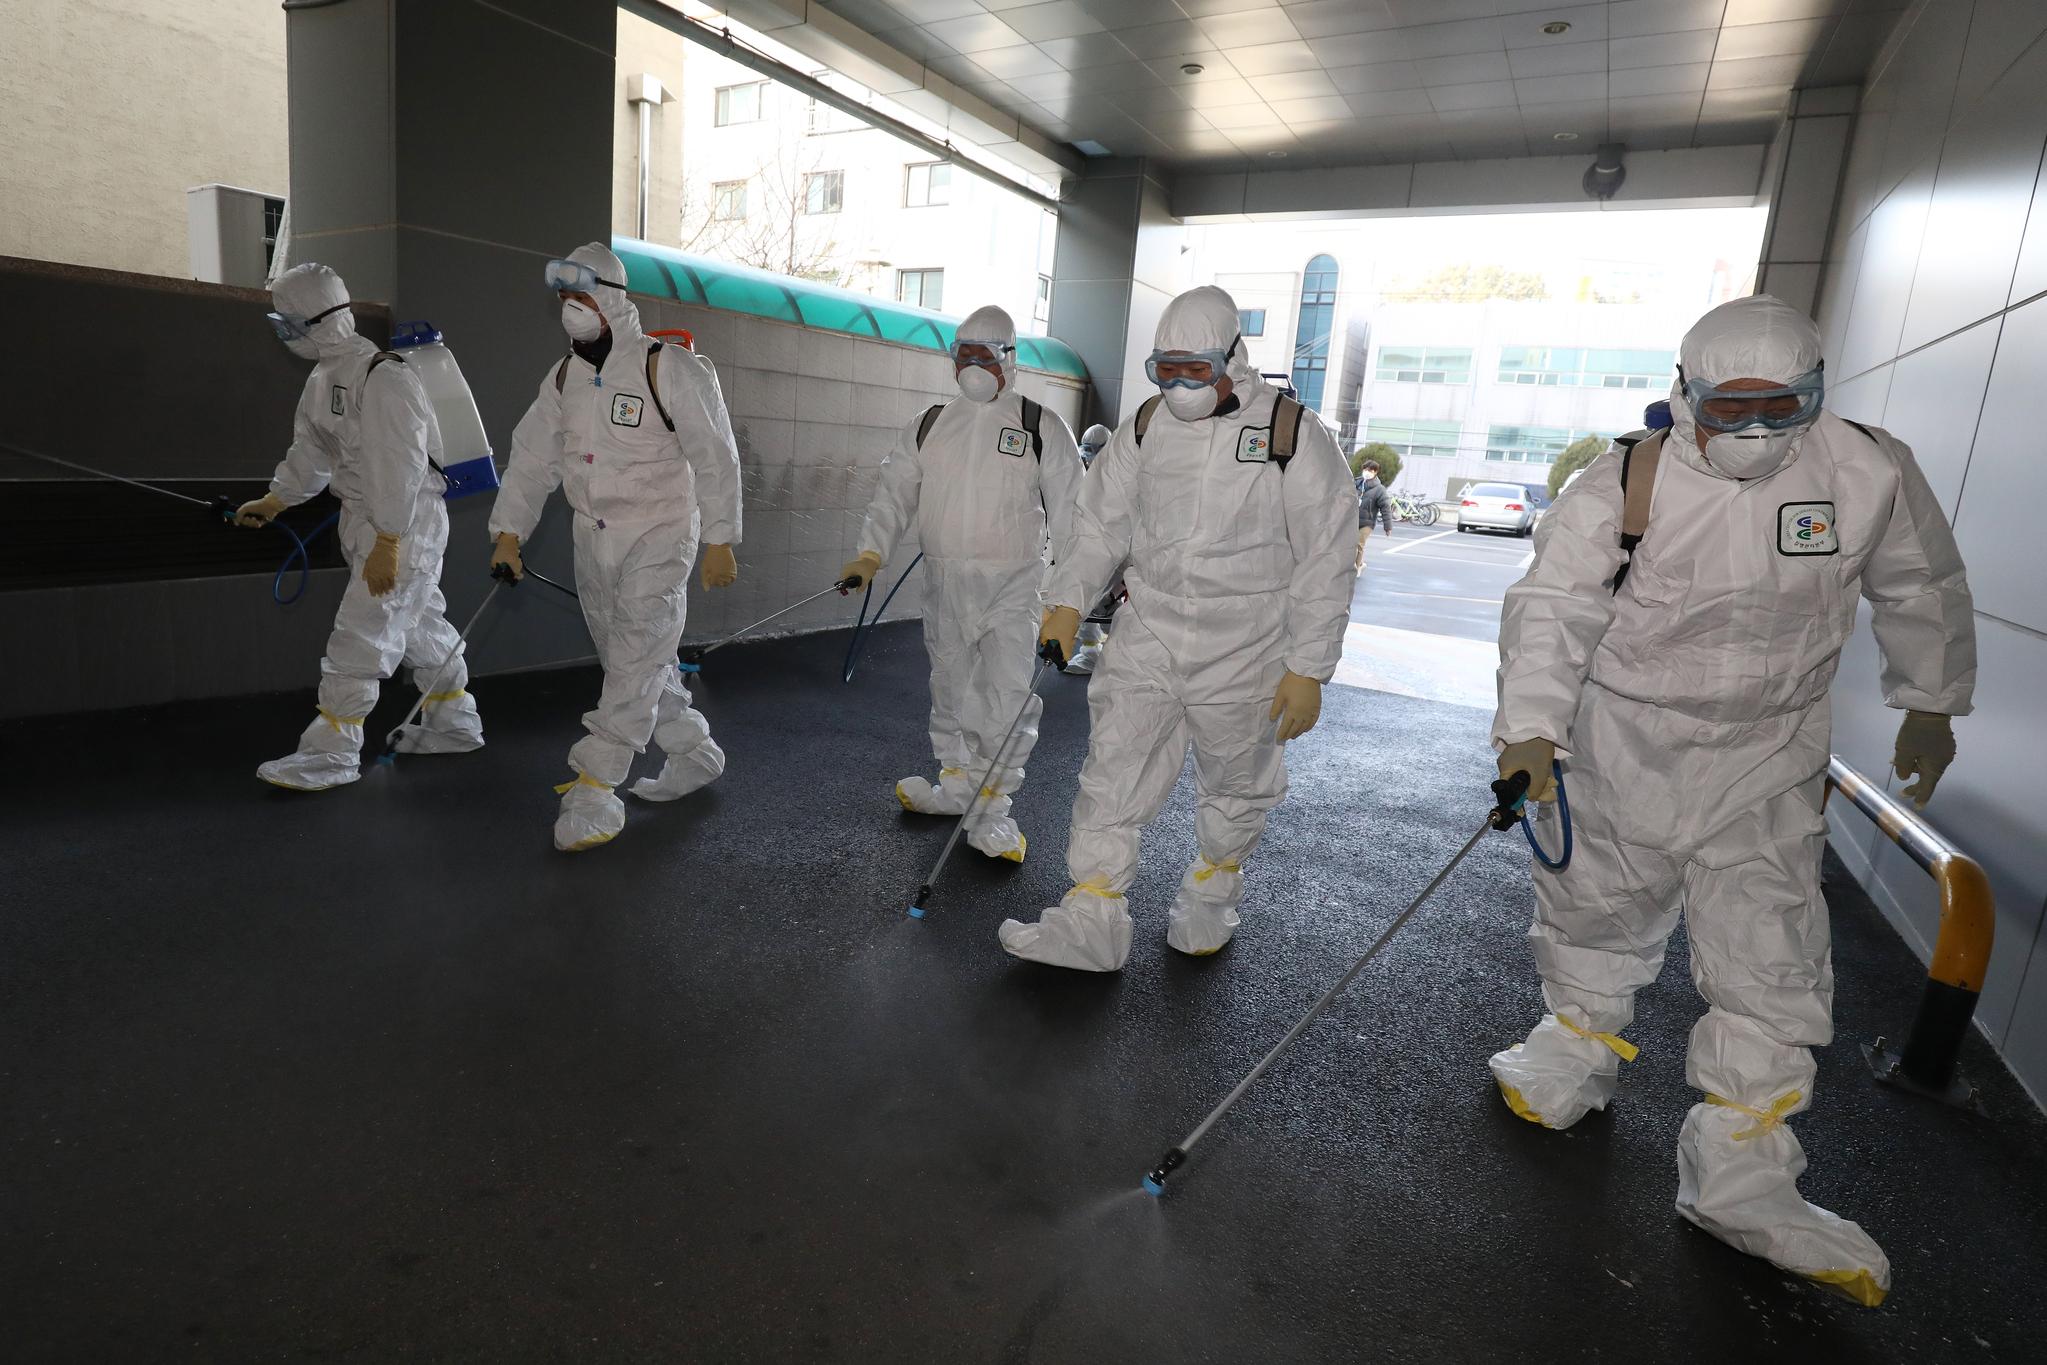 신종 코로나바이러스 감염증(코로나19) 확진자가 늘어나는 가운데 19일 오후 대구 남구보건소 관계자들이 국내 31번째 확진자가 다녀간 대구 남구 신천지 대구교회 건물 주변을 소독하고 있다. [뉴스1]